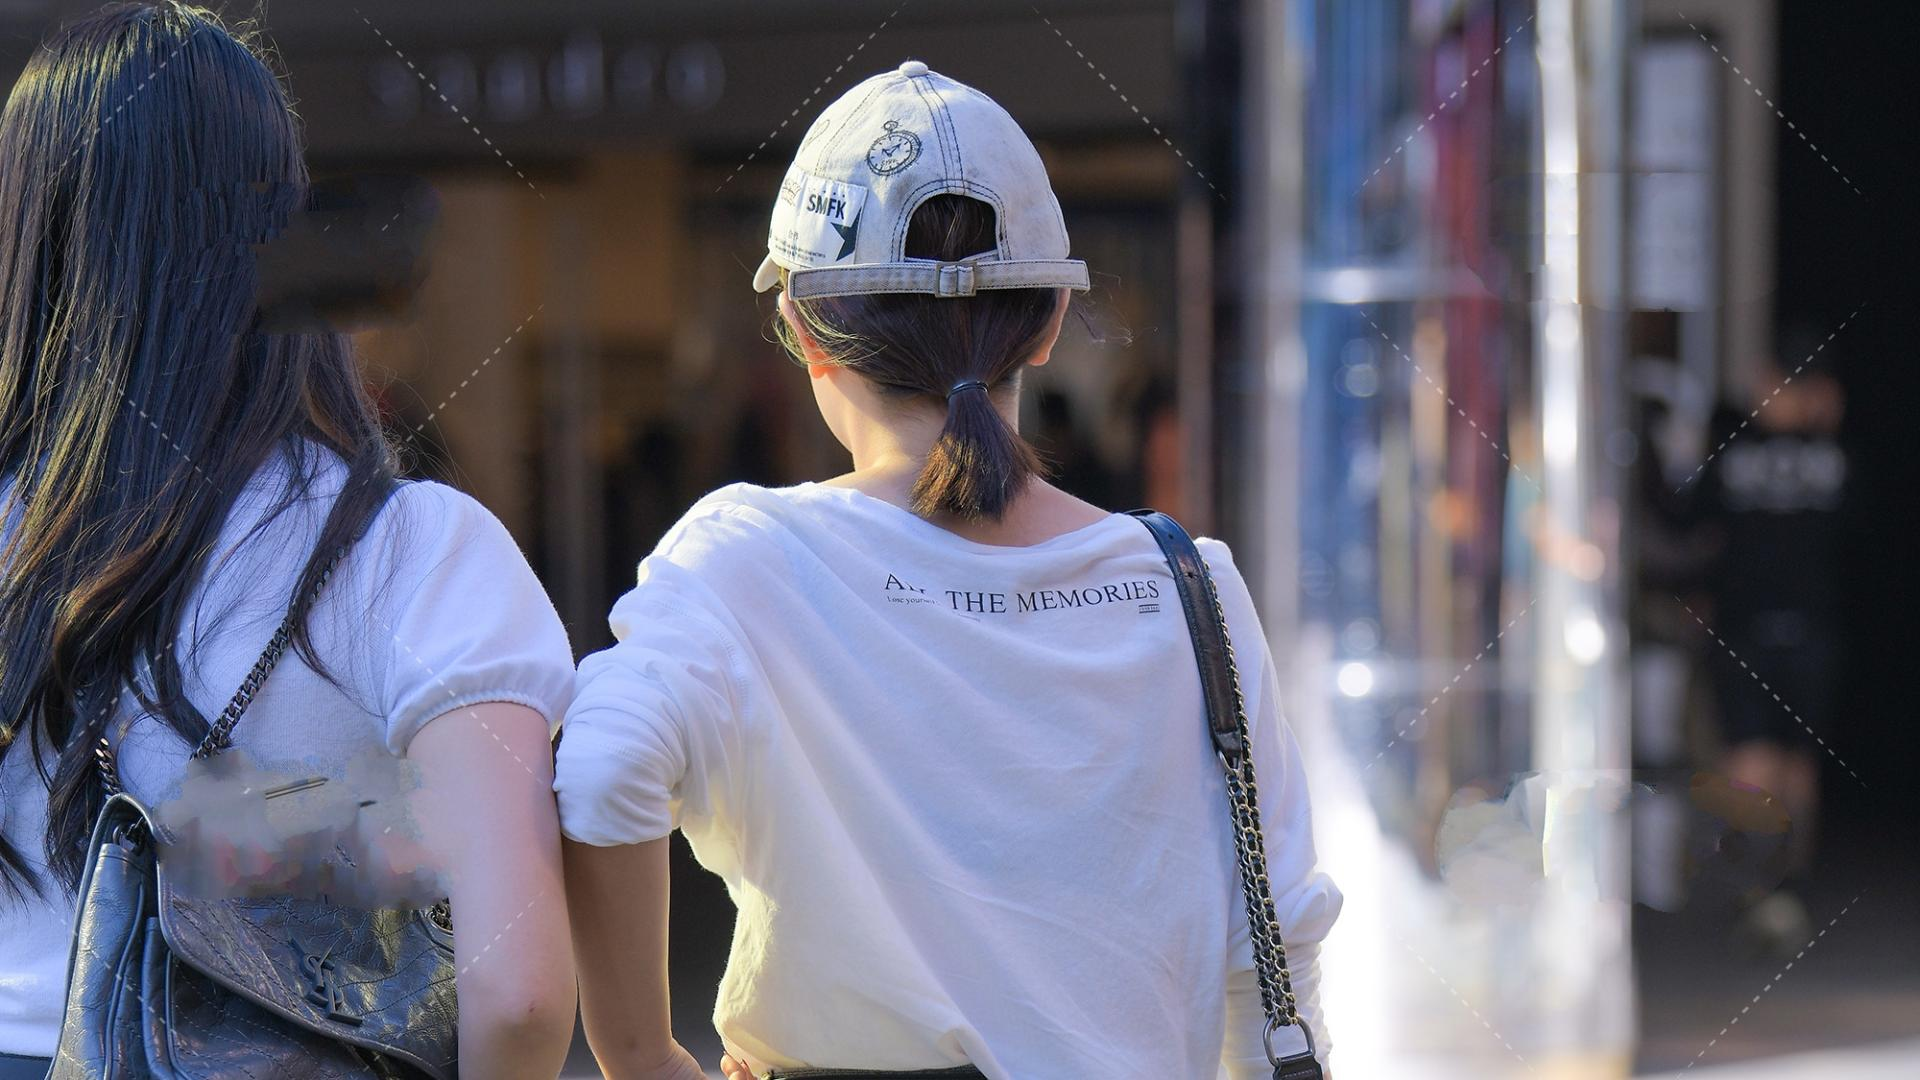 白色大圆领T恤纯棉面料,长袖宽松设计,搭配牛仔热裤尽显少女感